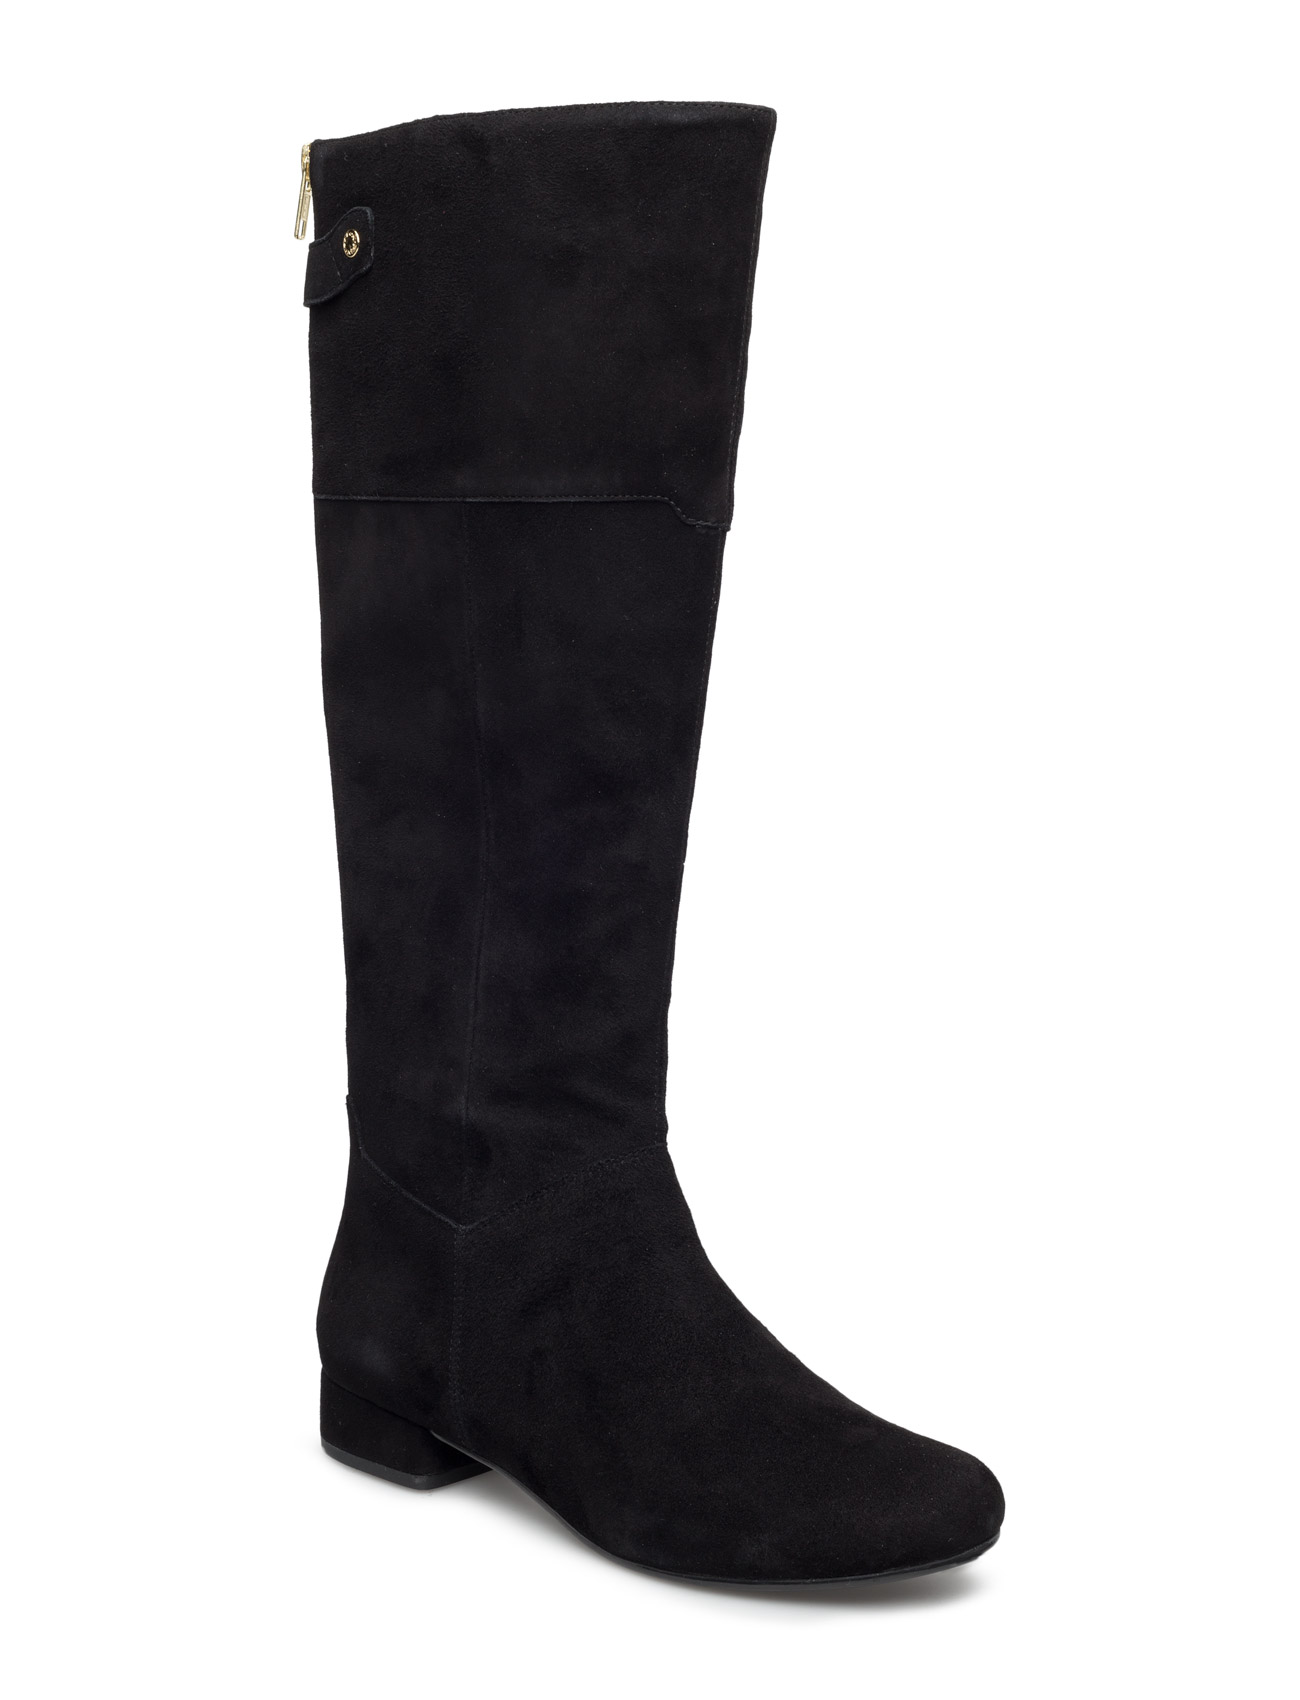 Sue VAGABOND Støvler til Kvinder i Sort